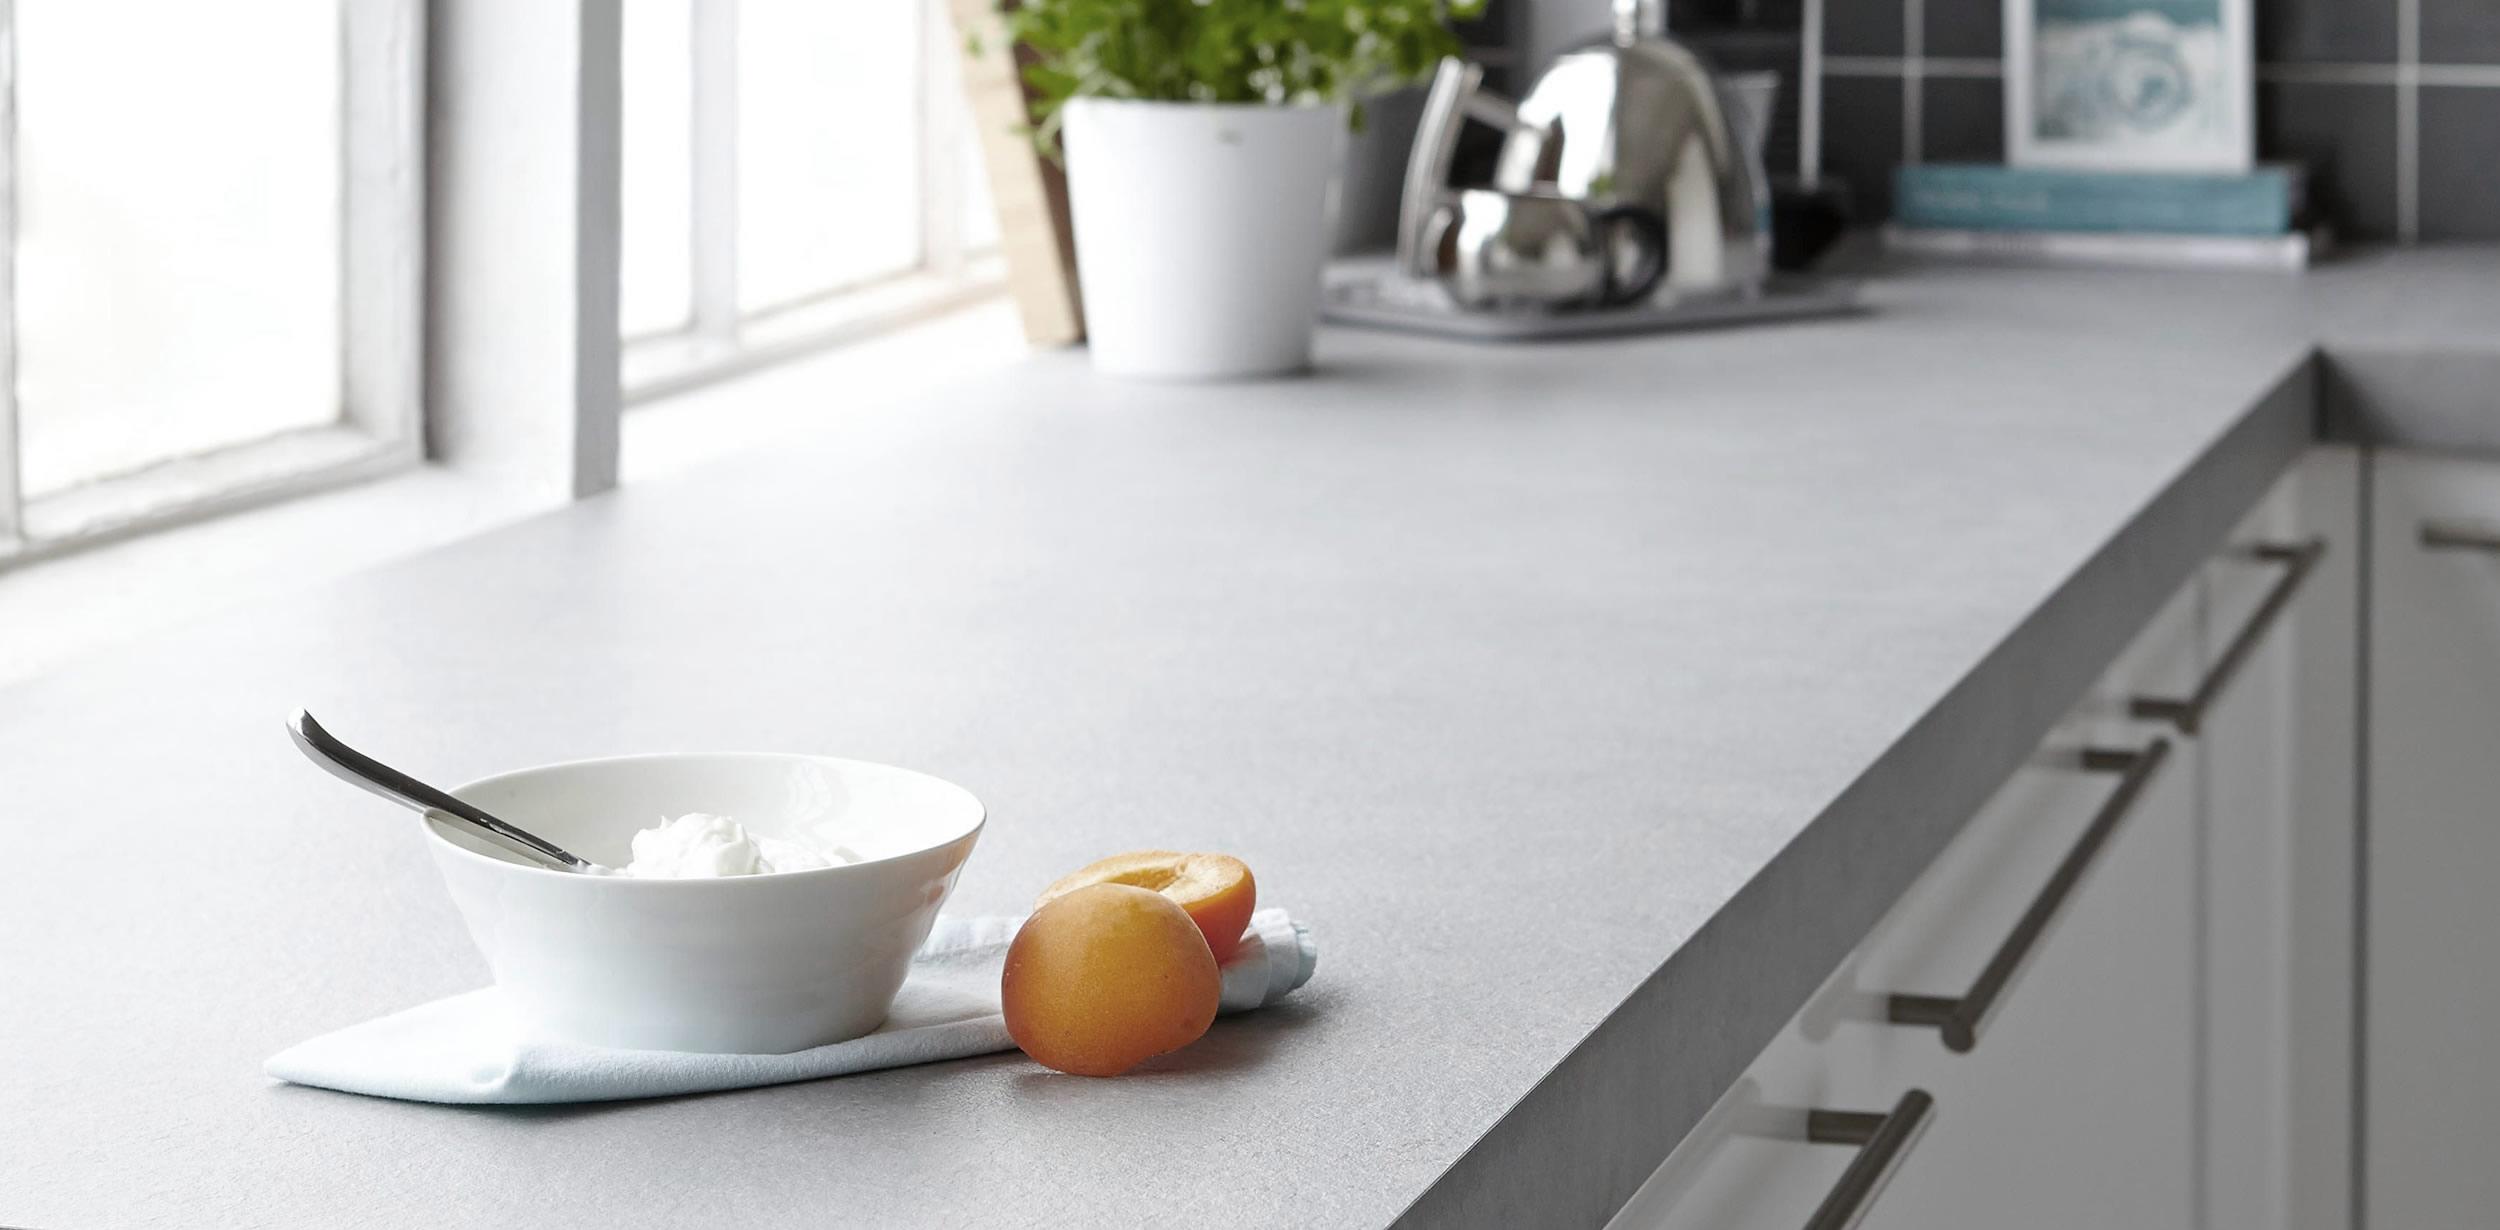 Encimera economica cocina materiales encimeras econ micas - Materiales encimeras cocina ...